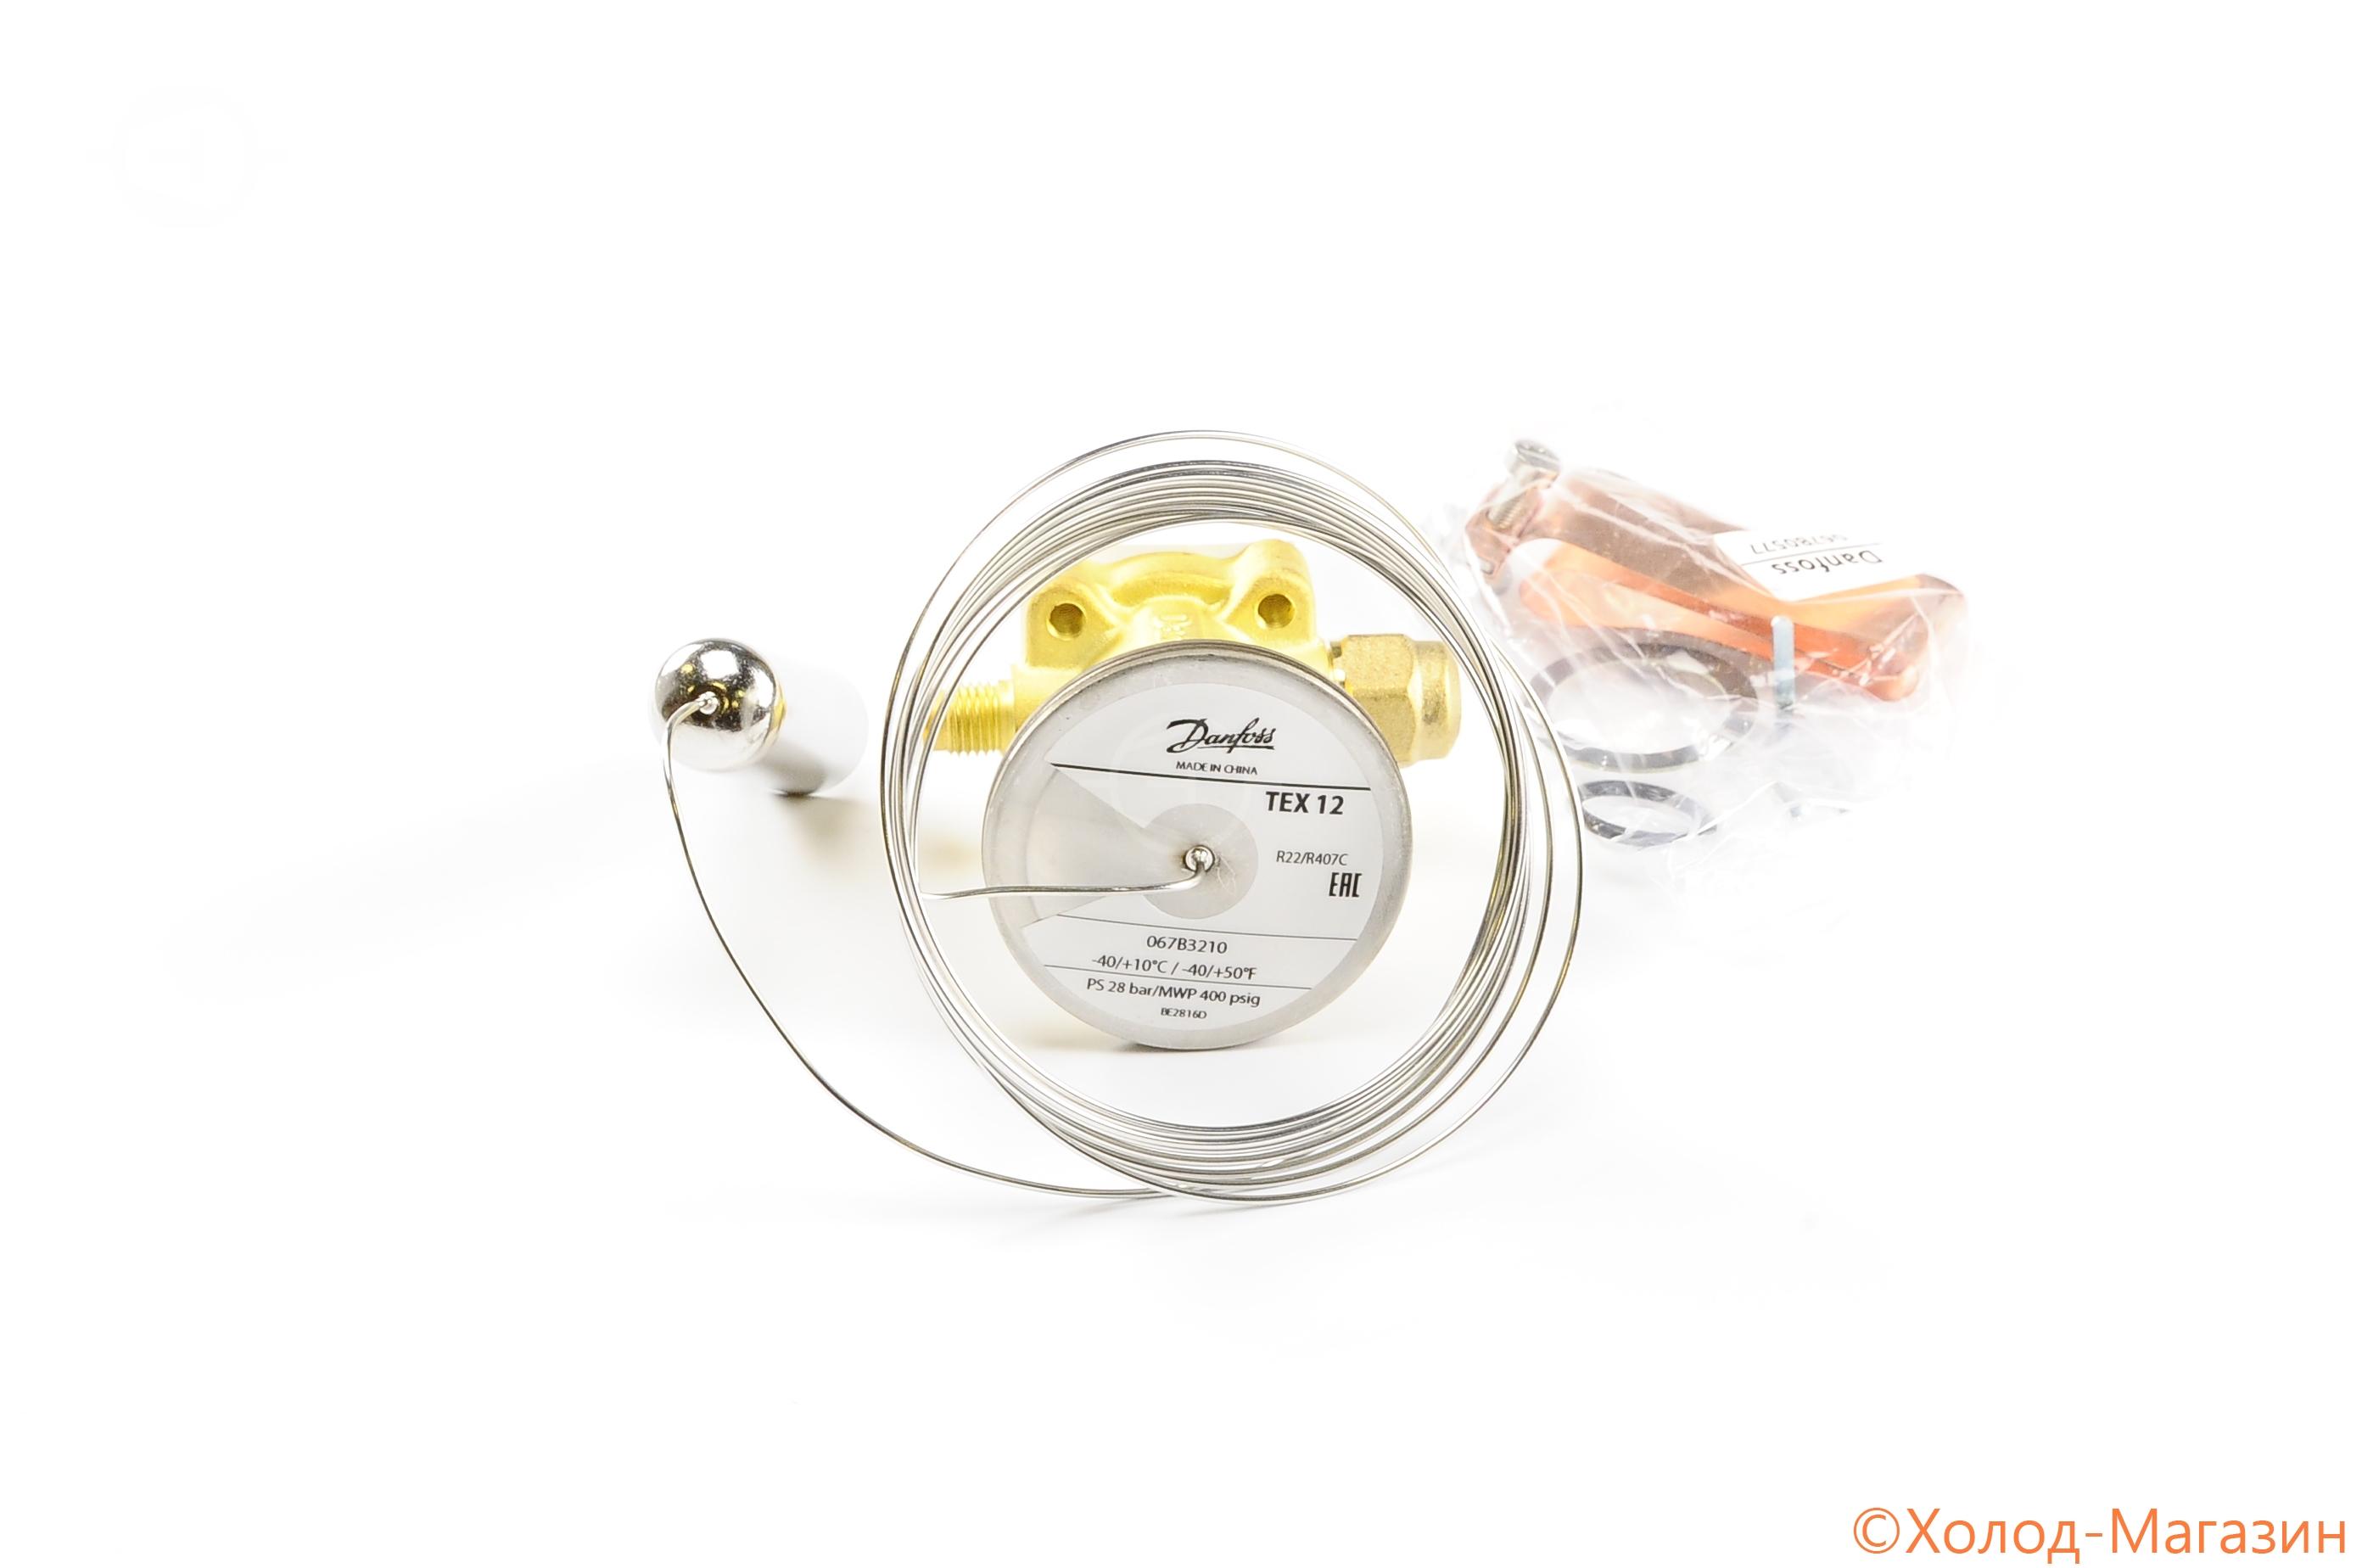 Термоэлемент TEX12 (-40..+10 C, без MOP), Danfoss